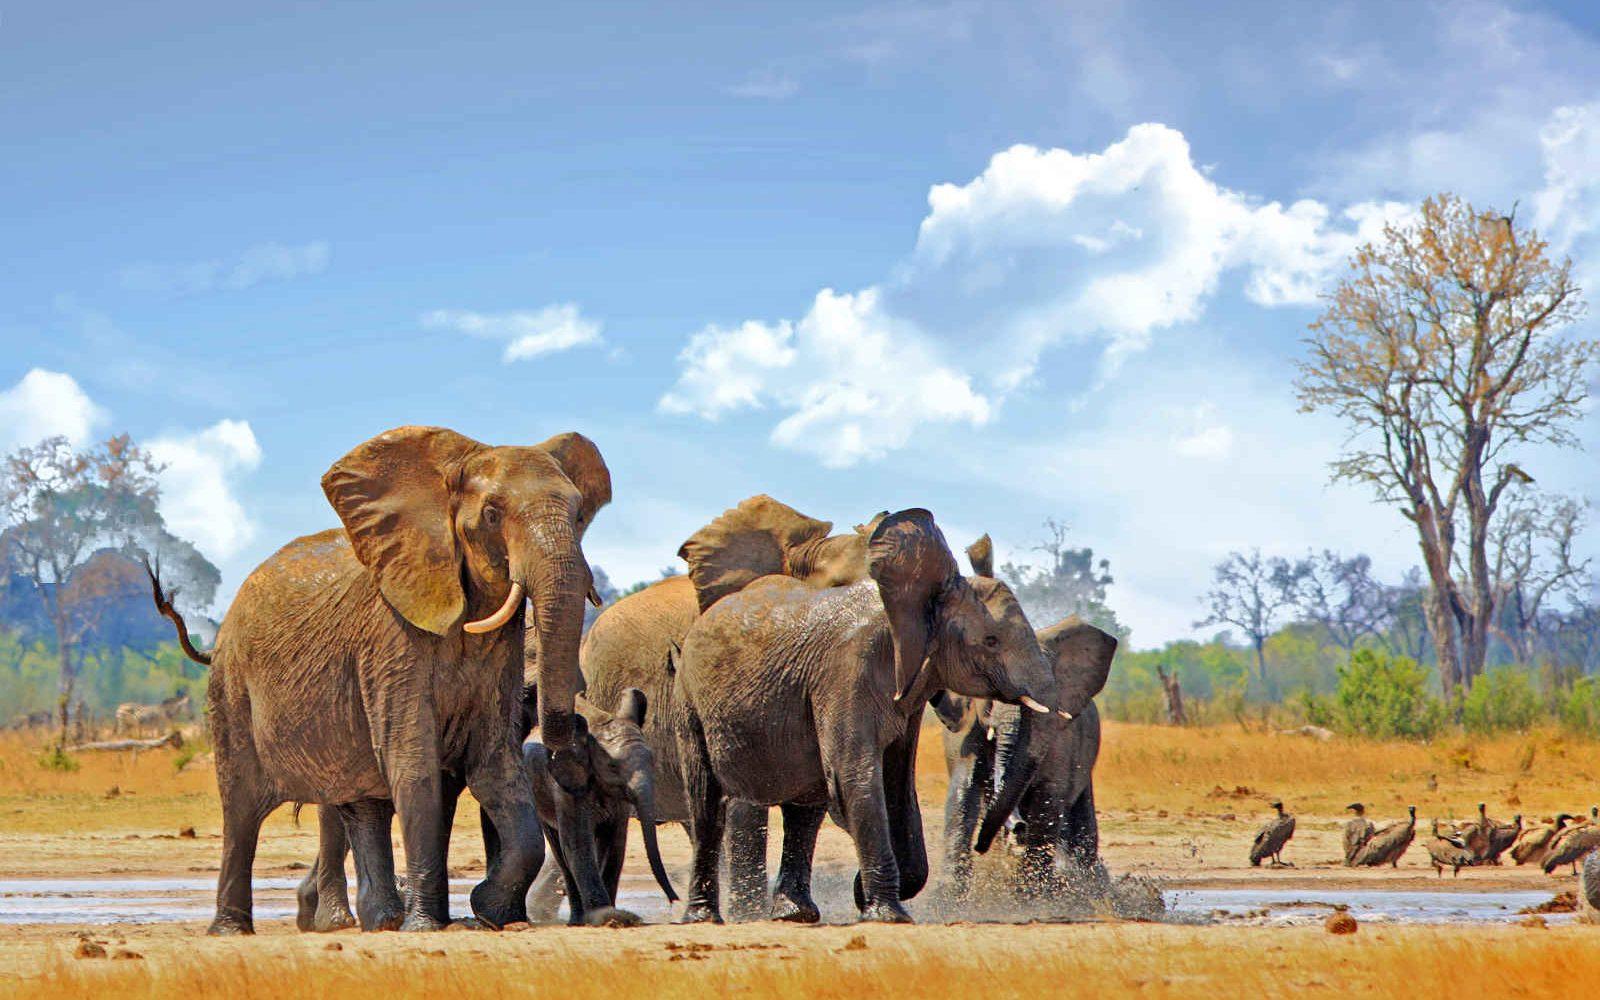 Elephants, Parc National Hwange, Zimbabwe